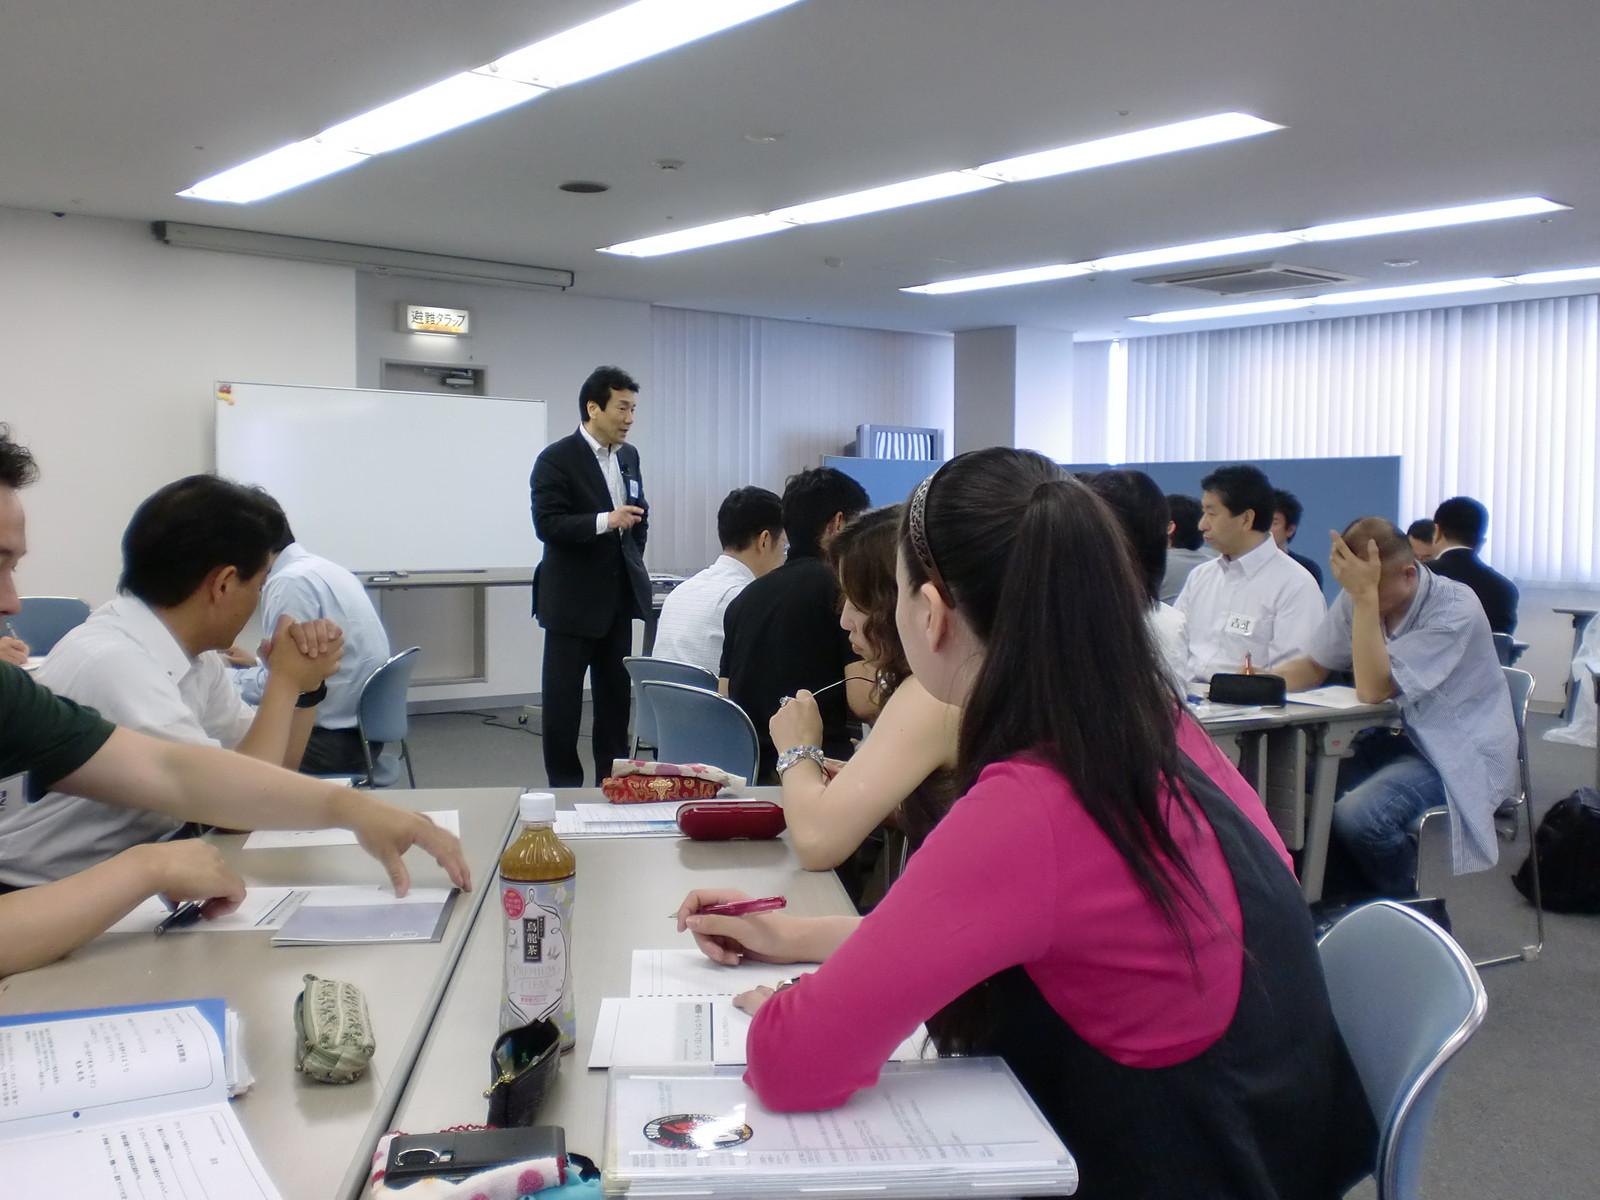 コミュニケーションリーダー養成講座に参加しました。